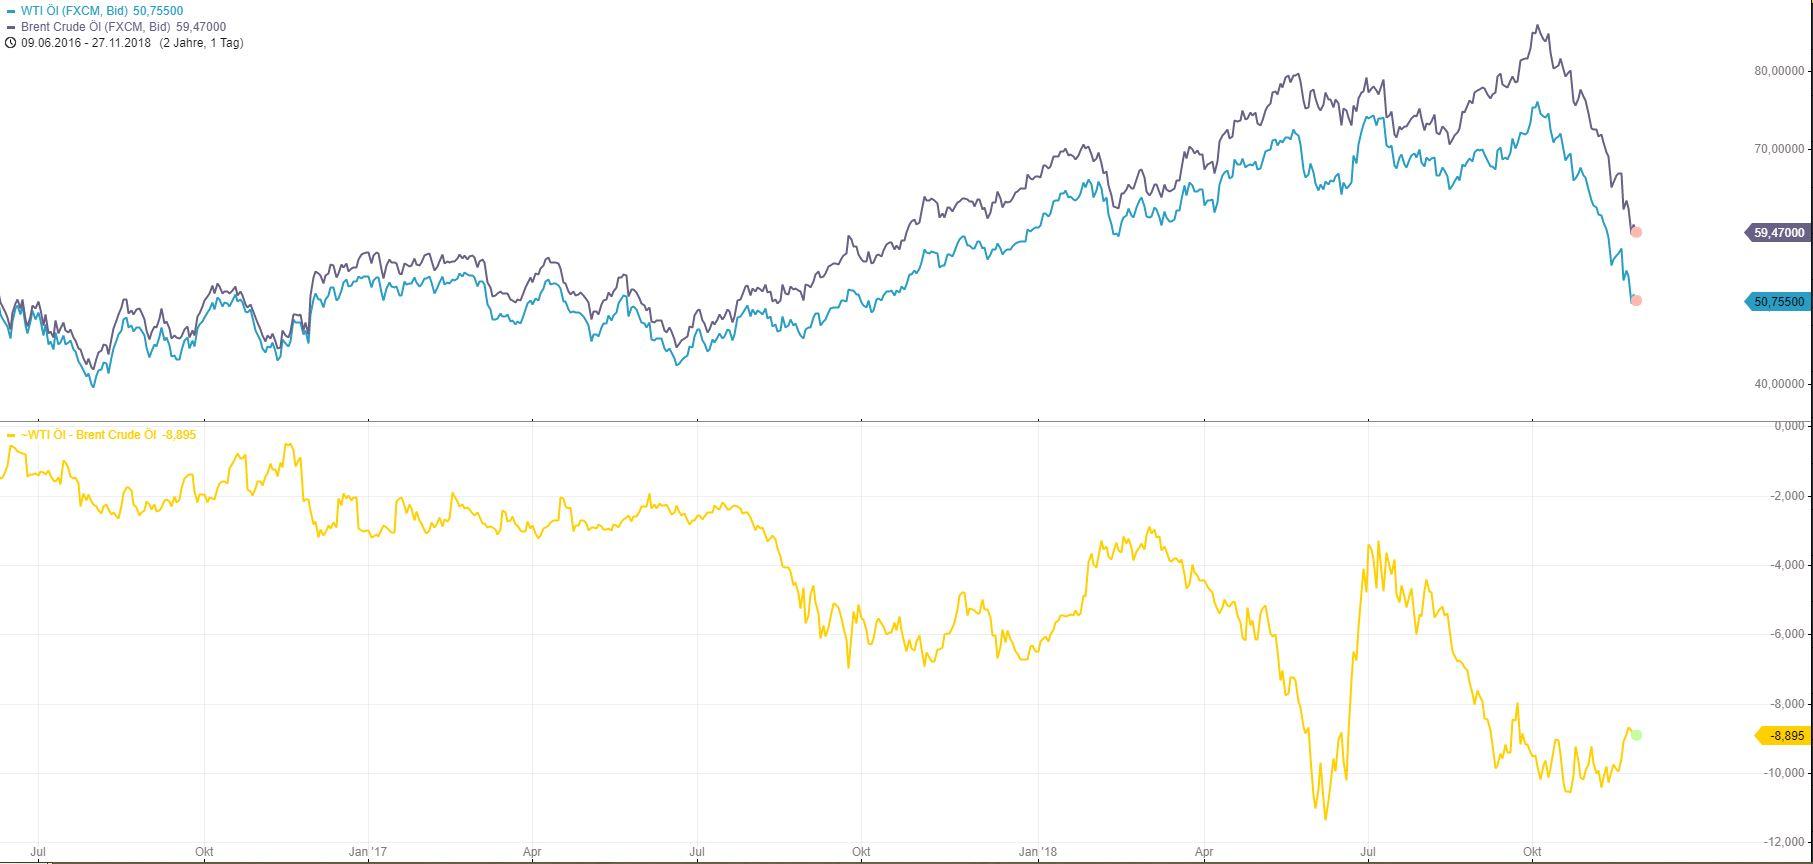 ÖL-Spread-Tradingidee-und-Scheinvorstellung-Chartanalyse-Armin-Hecktor-GodmodeTrader.de-2